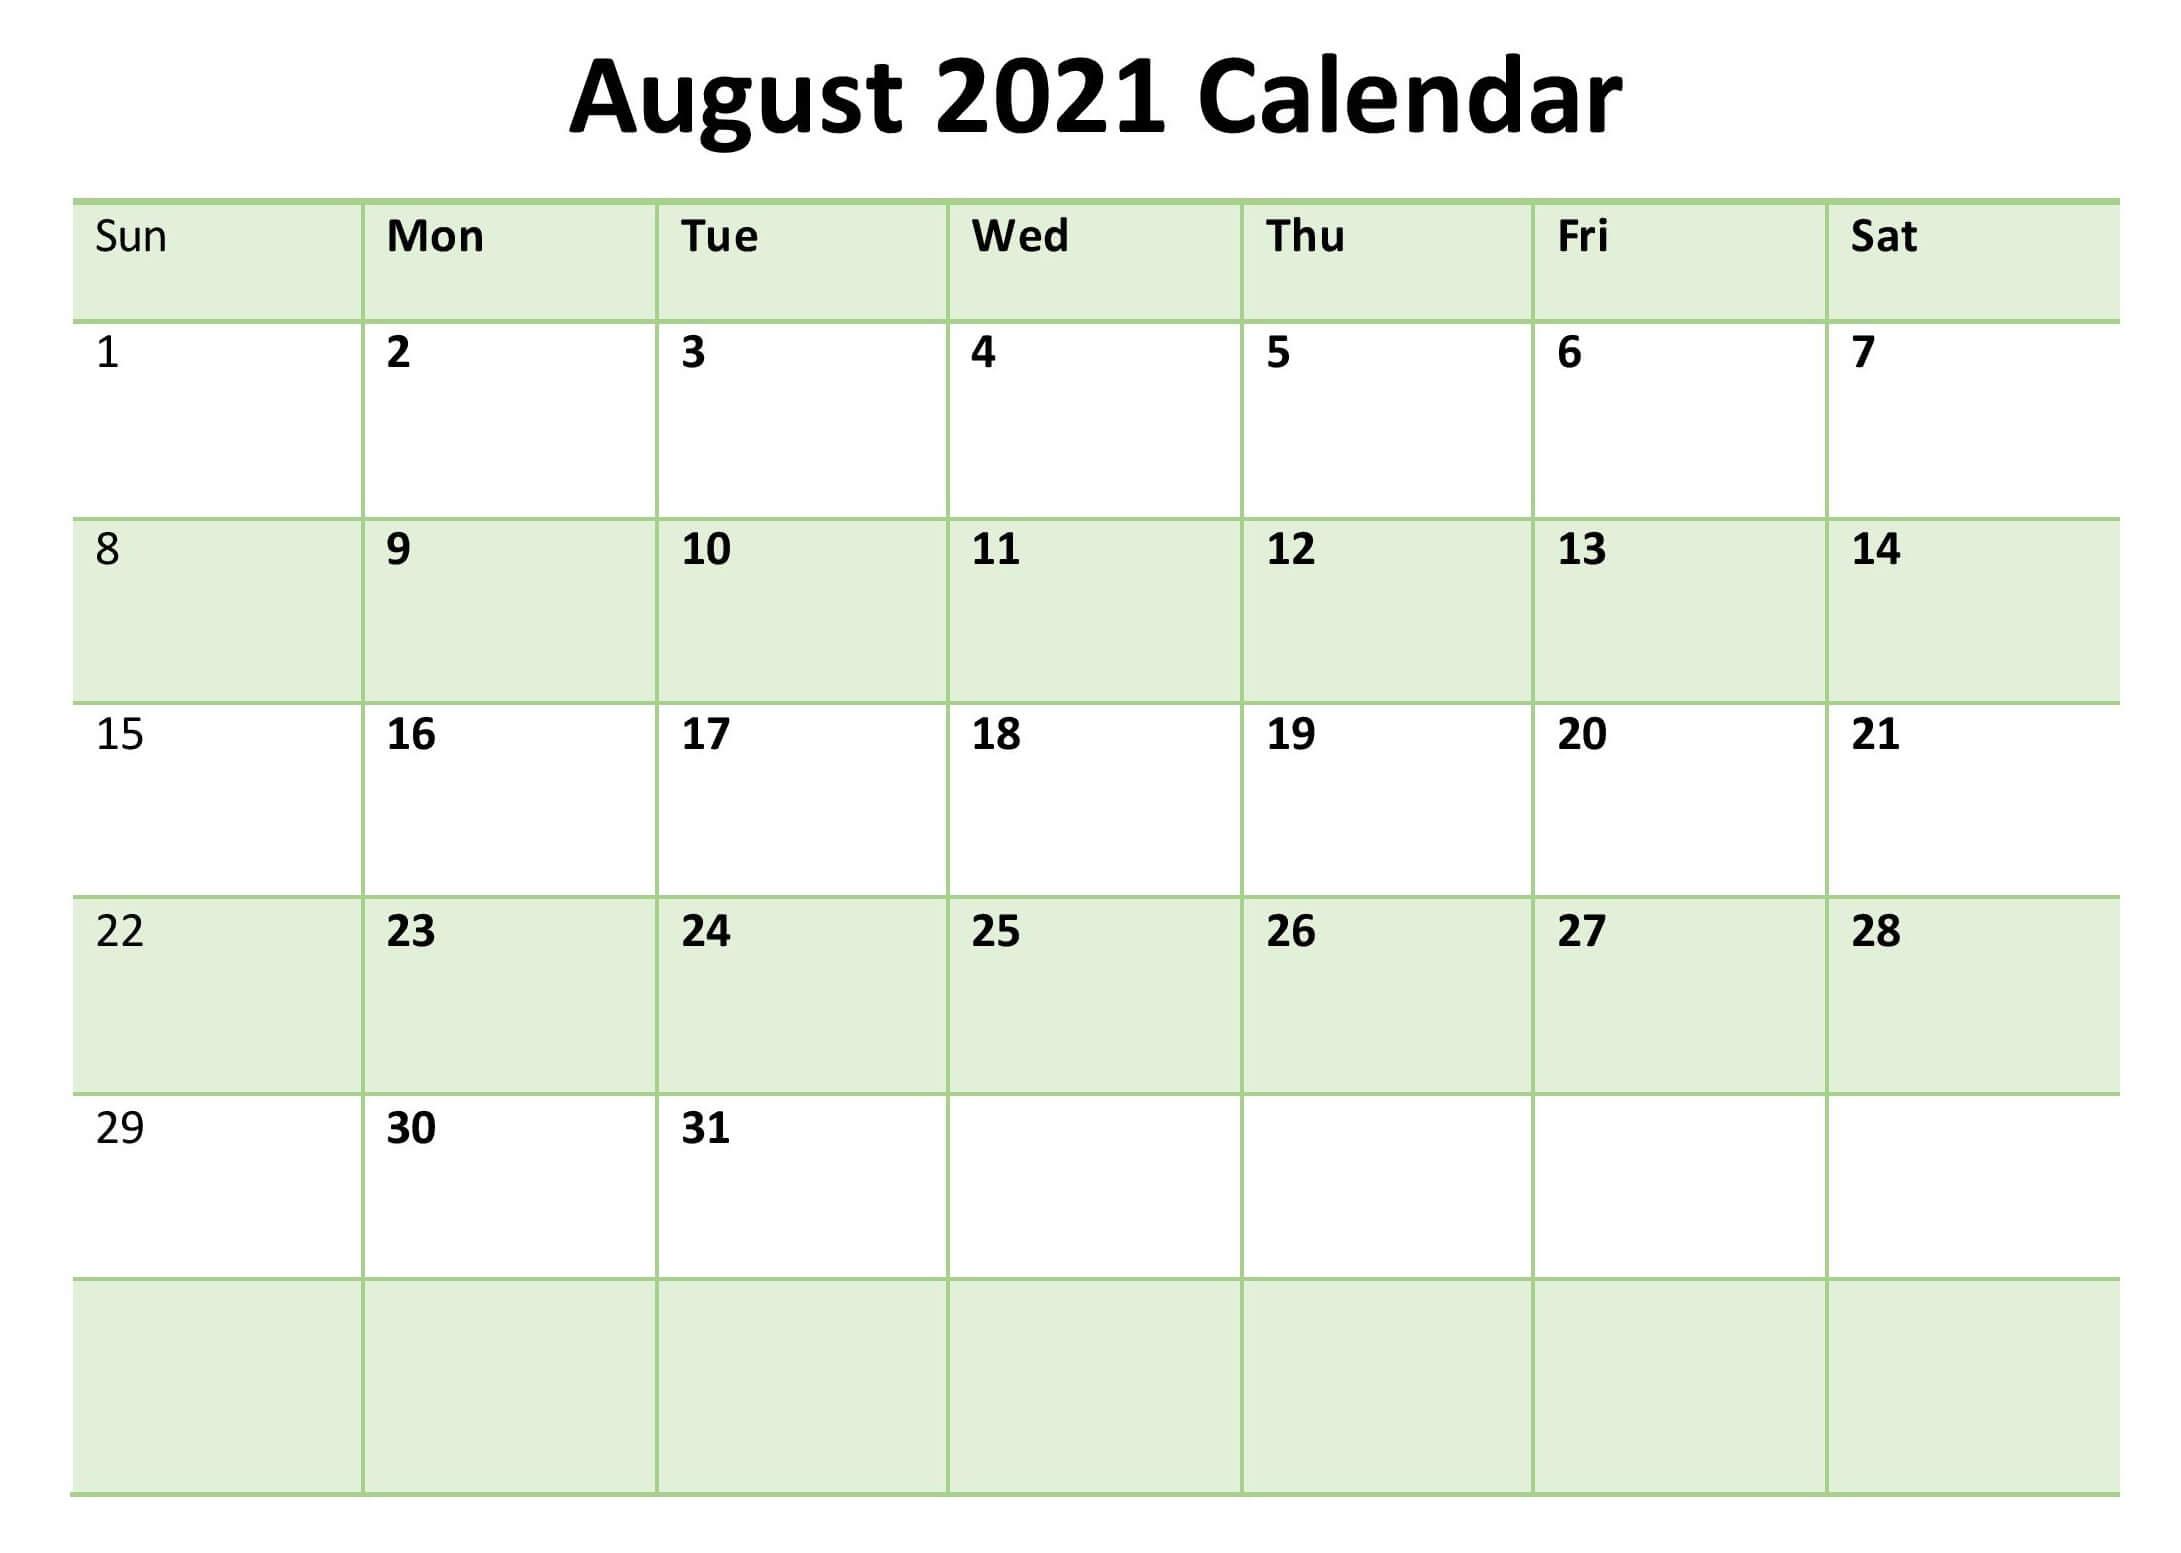 Fillable August 2021 Calendar Template